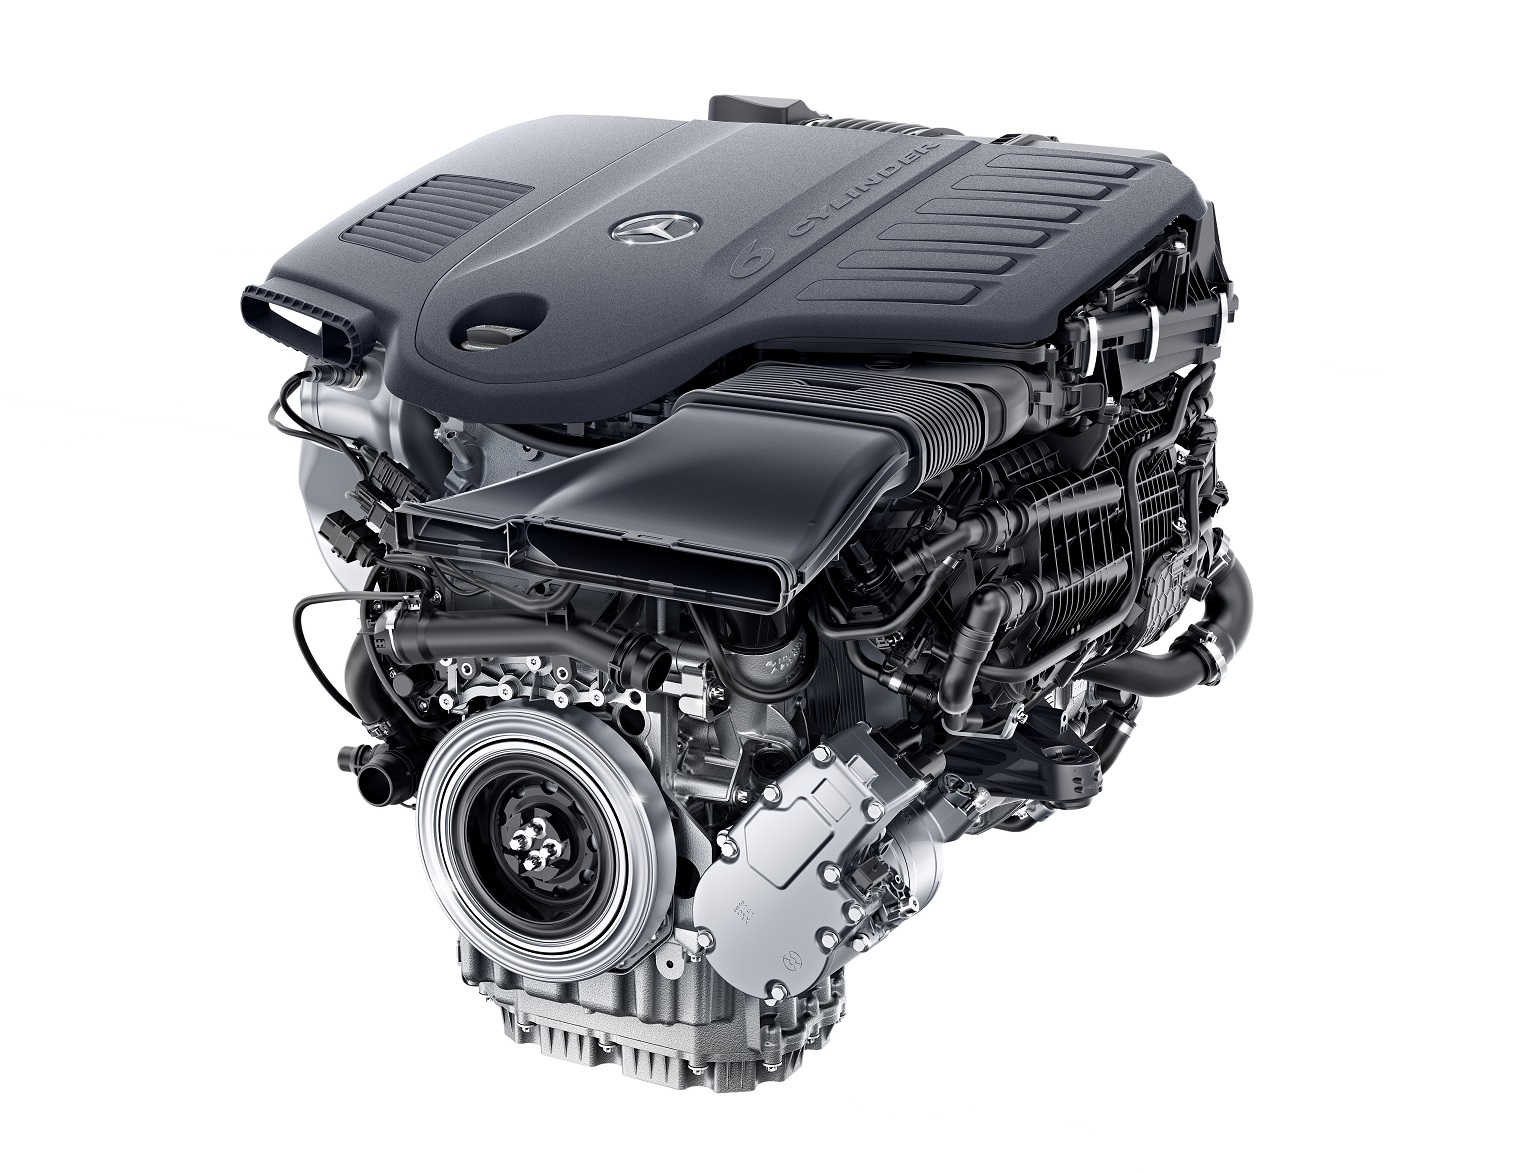 「【新車】ISG、新型直列6気筒エンジン、電動スーパーチャージャーを搭載したメルセデス・ベンツ S 450が発表」の11枚目の画像